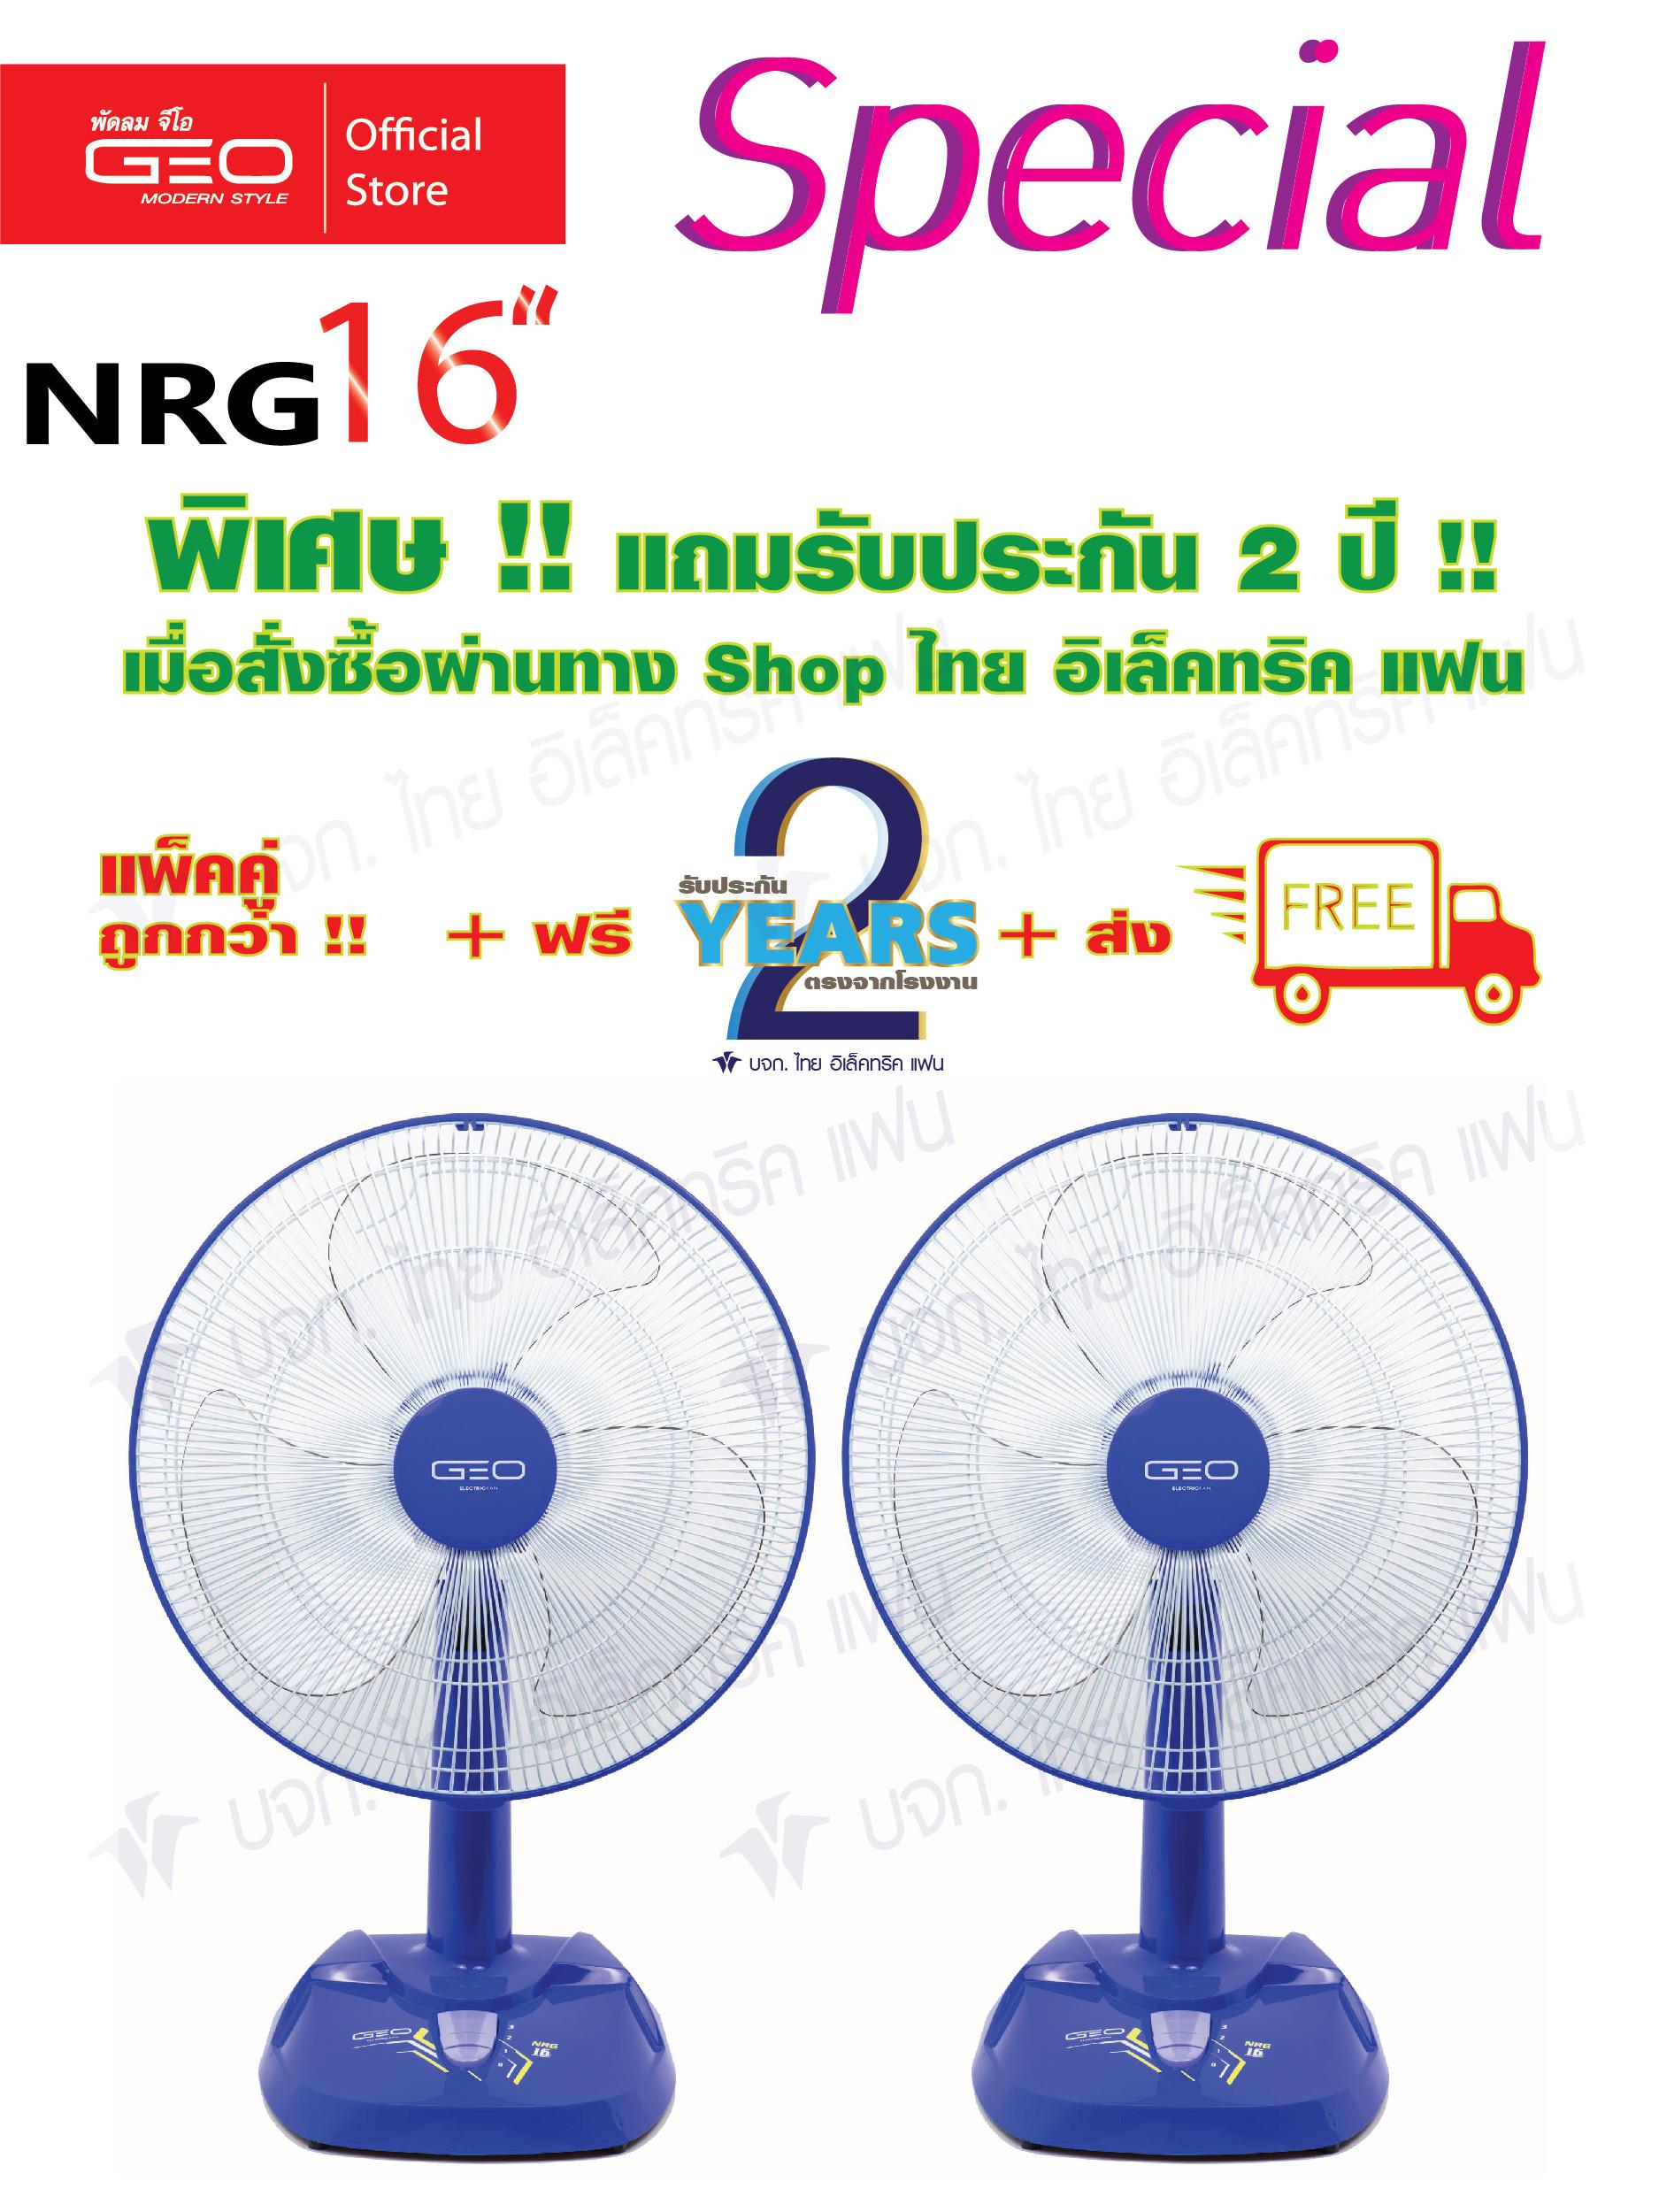 bae1021ec5770d7c4443c4b7b5176cea.jpg